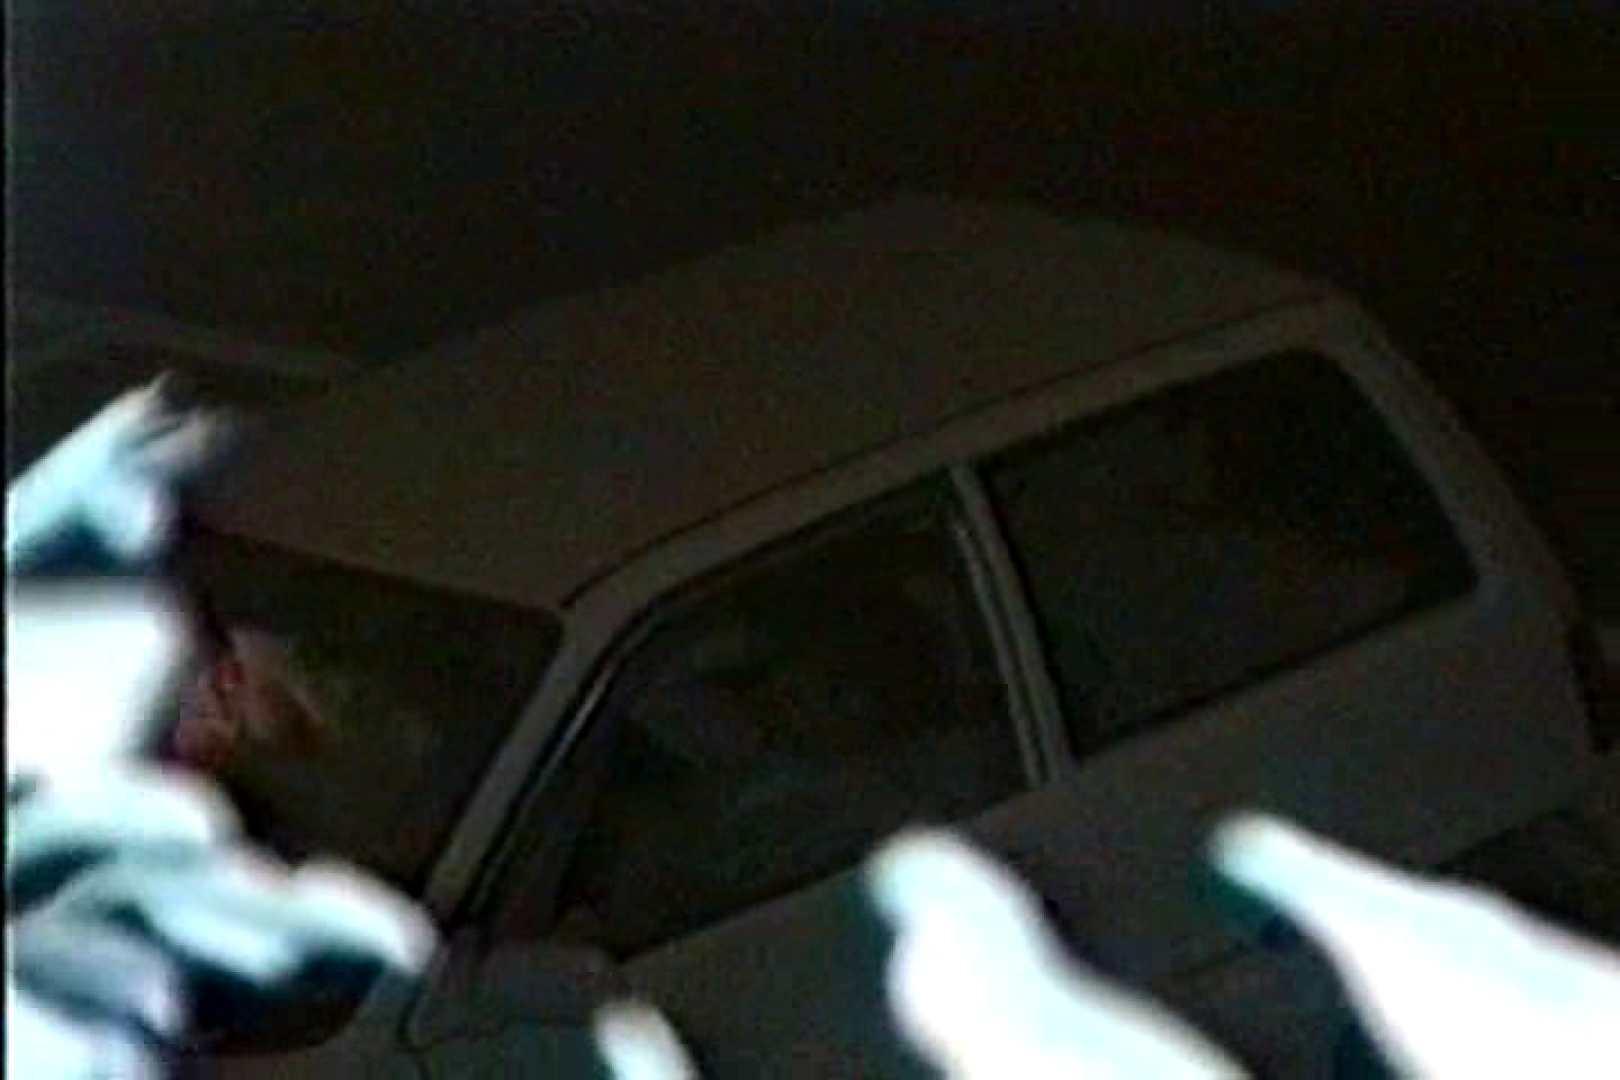 車の中はラブホテル 無修正版  Vol.8 車でエッチ | カーセックス  102PIX 65